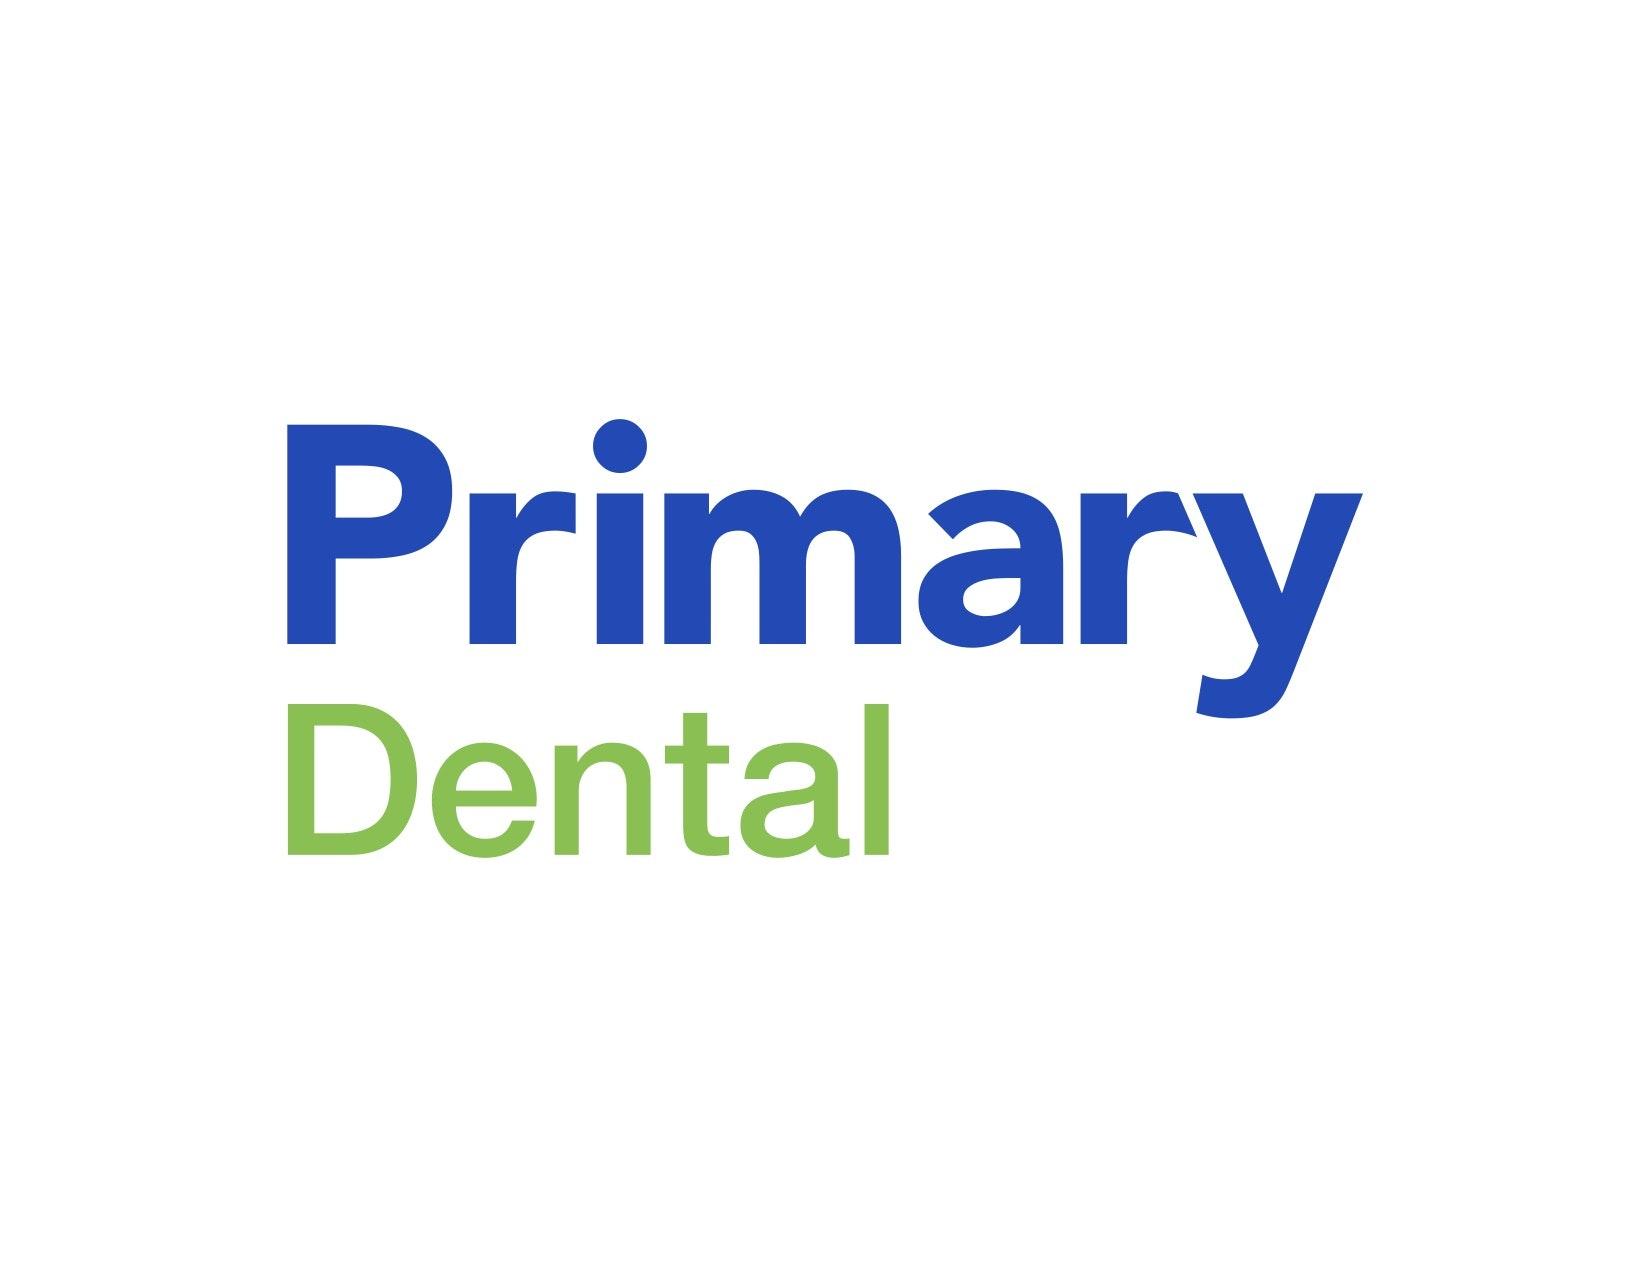 logo for Medical & Dental Centre 490 Springvale Road Forest Hill (Primary Dental) Dentists